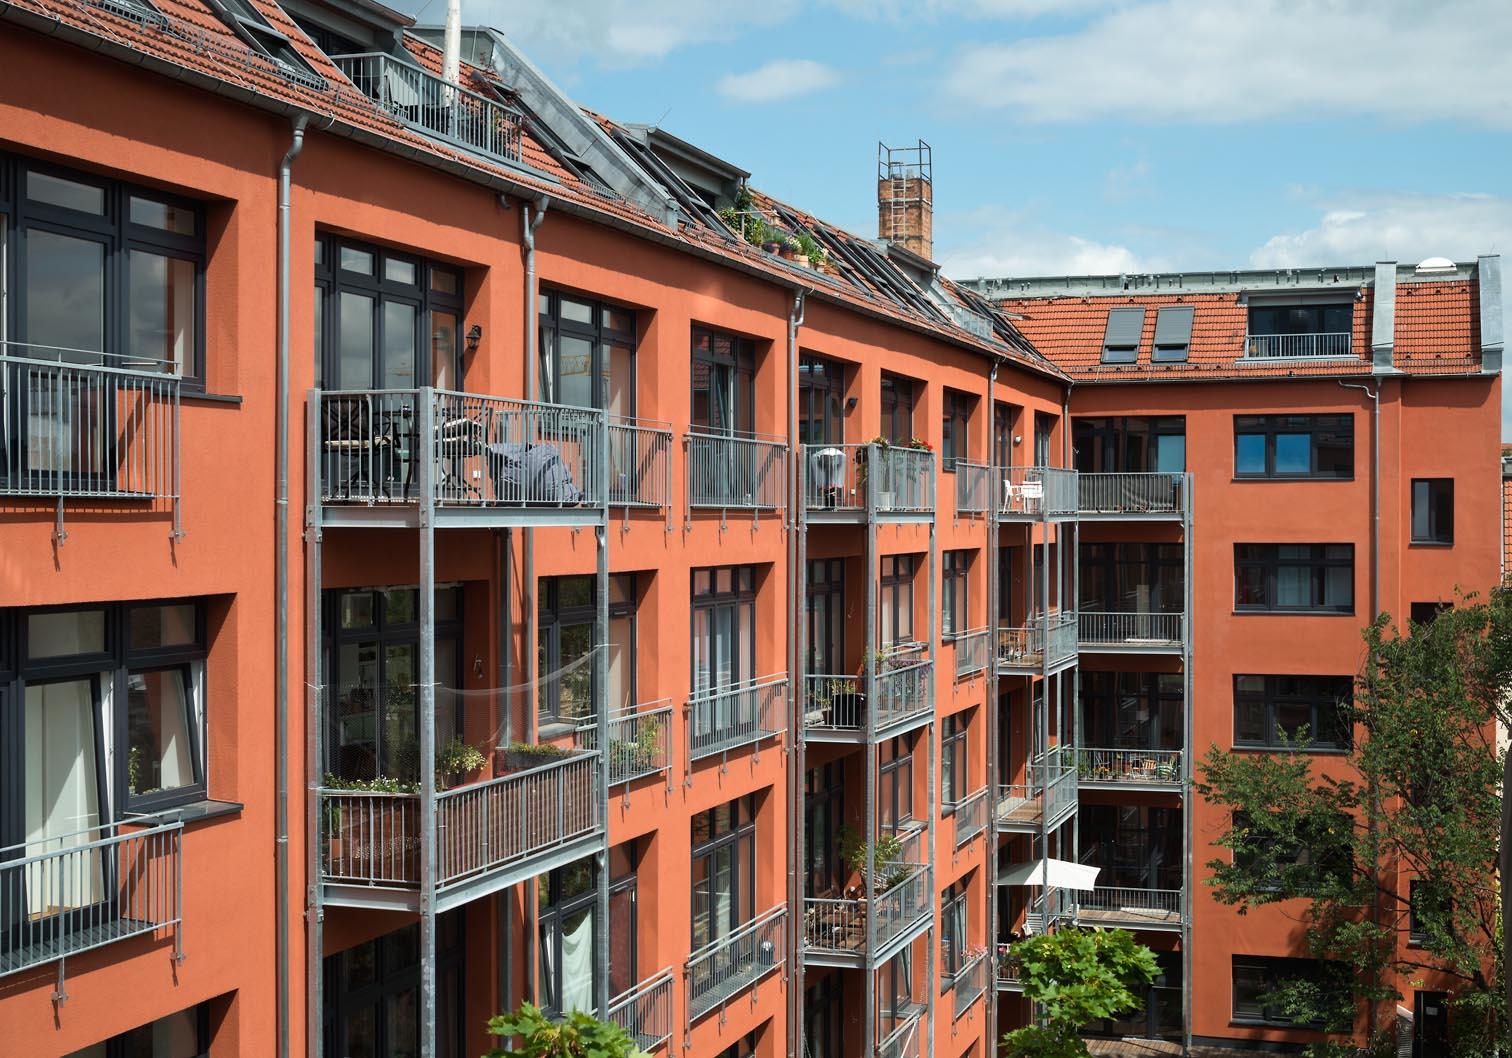 Wohnungsbau in Berlin Prenzlauer Berg